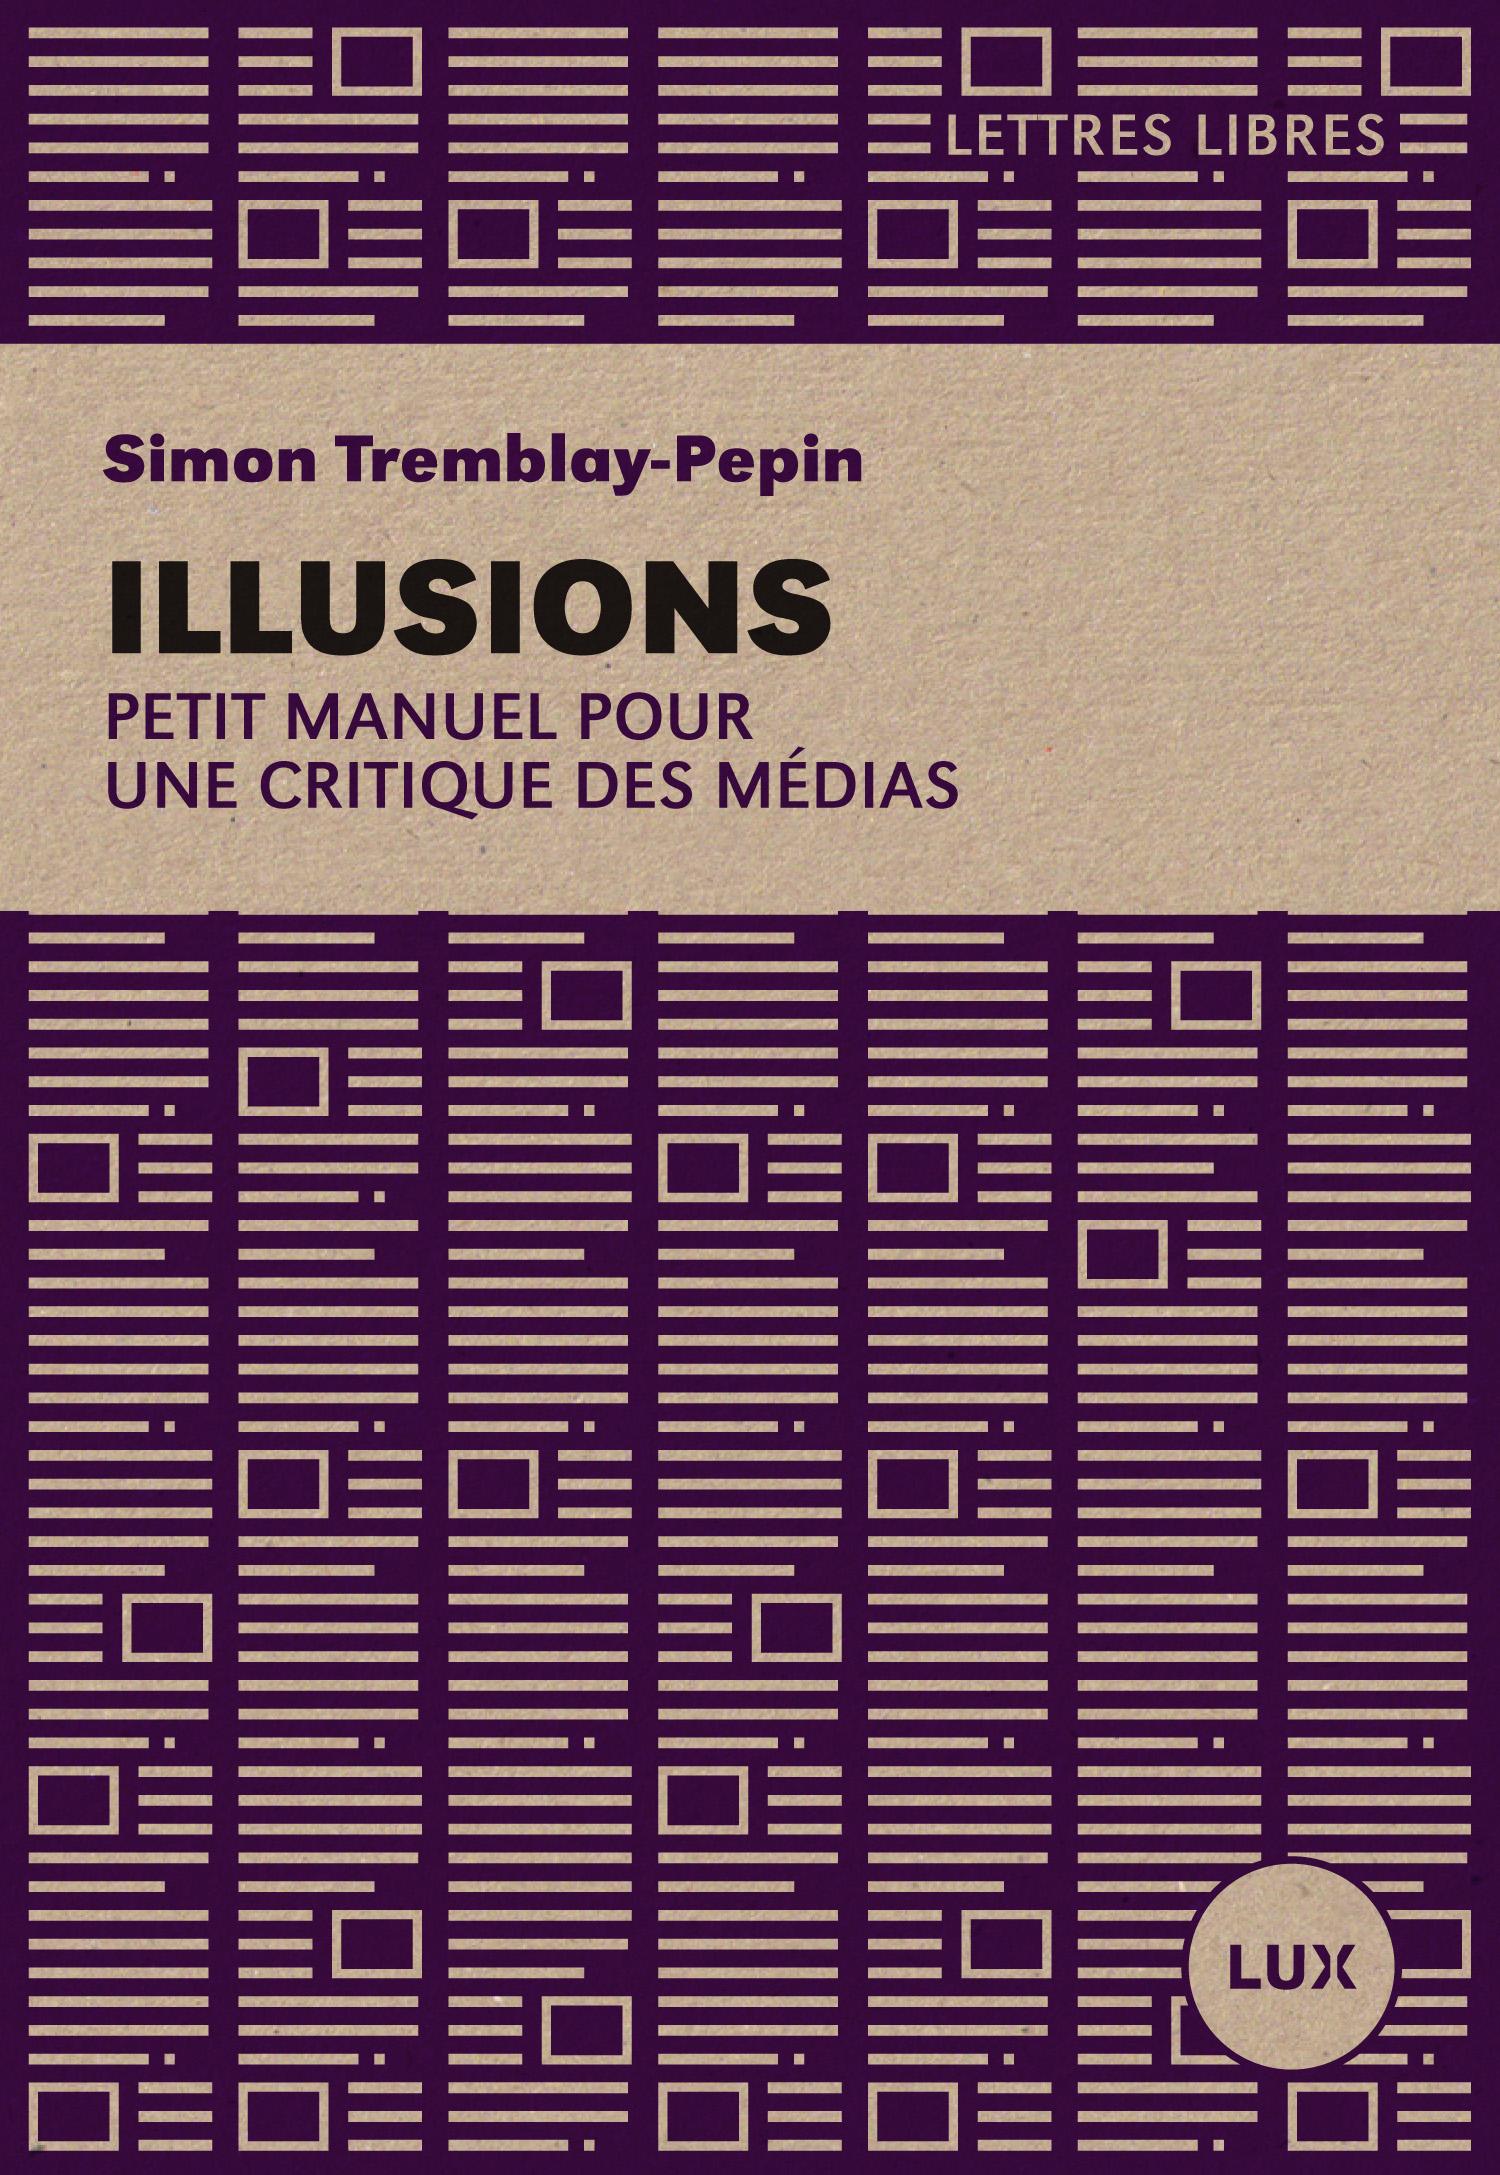 Couverture : Illusions: Petit manuel pour une critique des médias Simon Tremblay-pepin